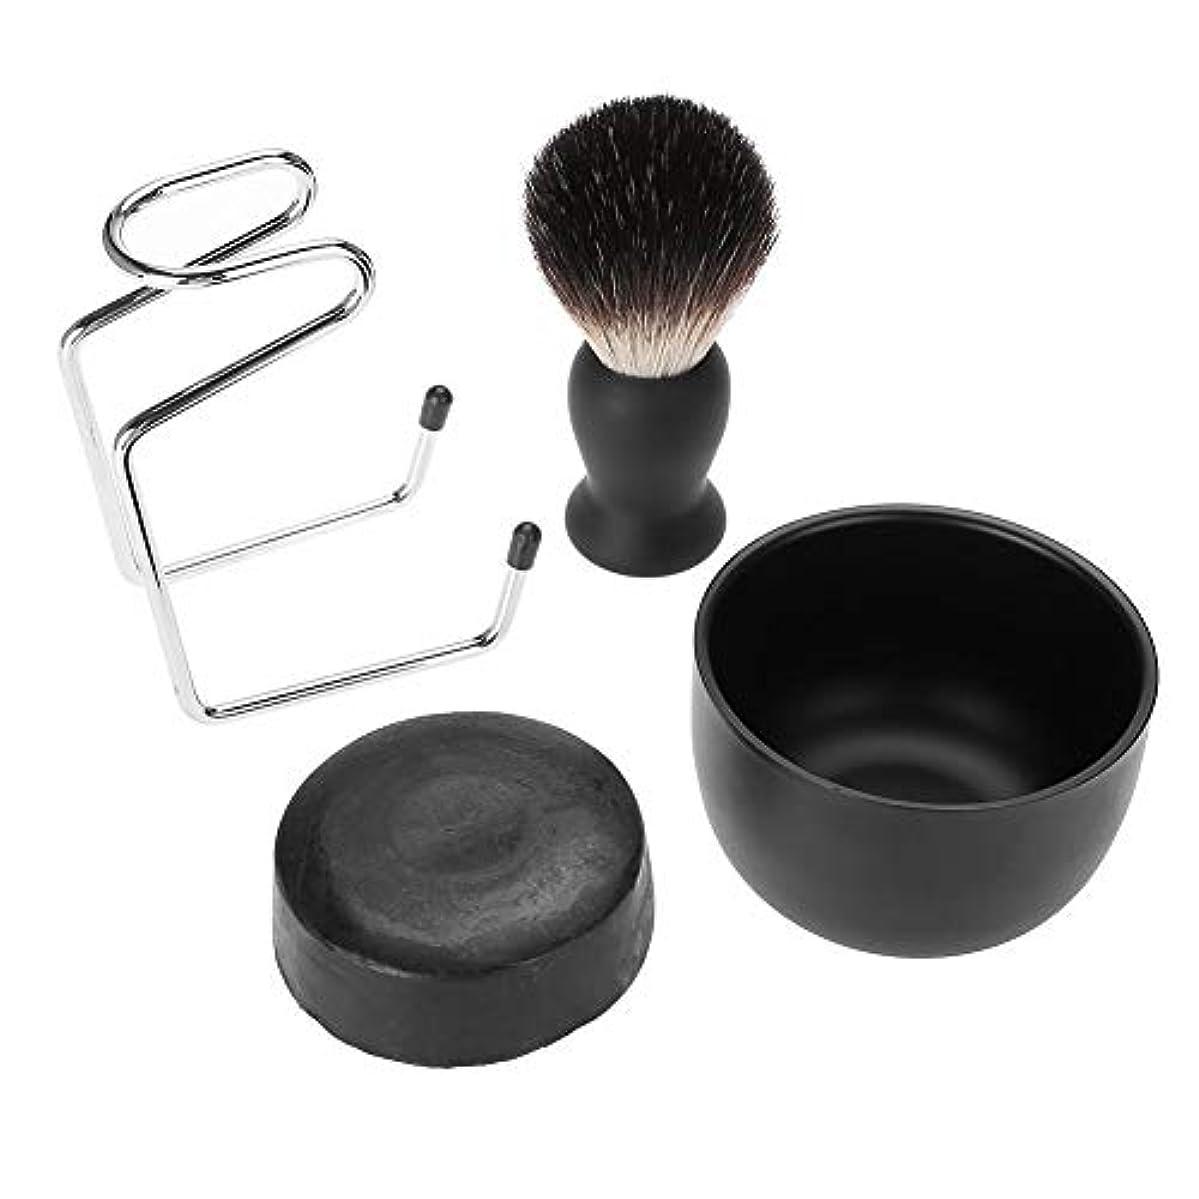 ひげ剃りセット、ひげ剃りツールキット付きシェービングブラシ+ブラシスタンド+シェービングソープ+男性用ギフトサロンホームトラベル使用